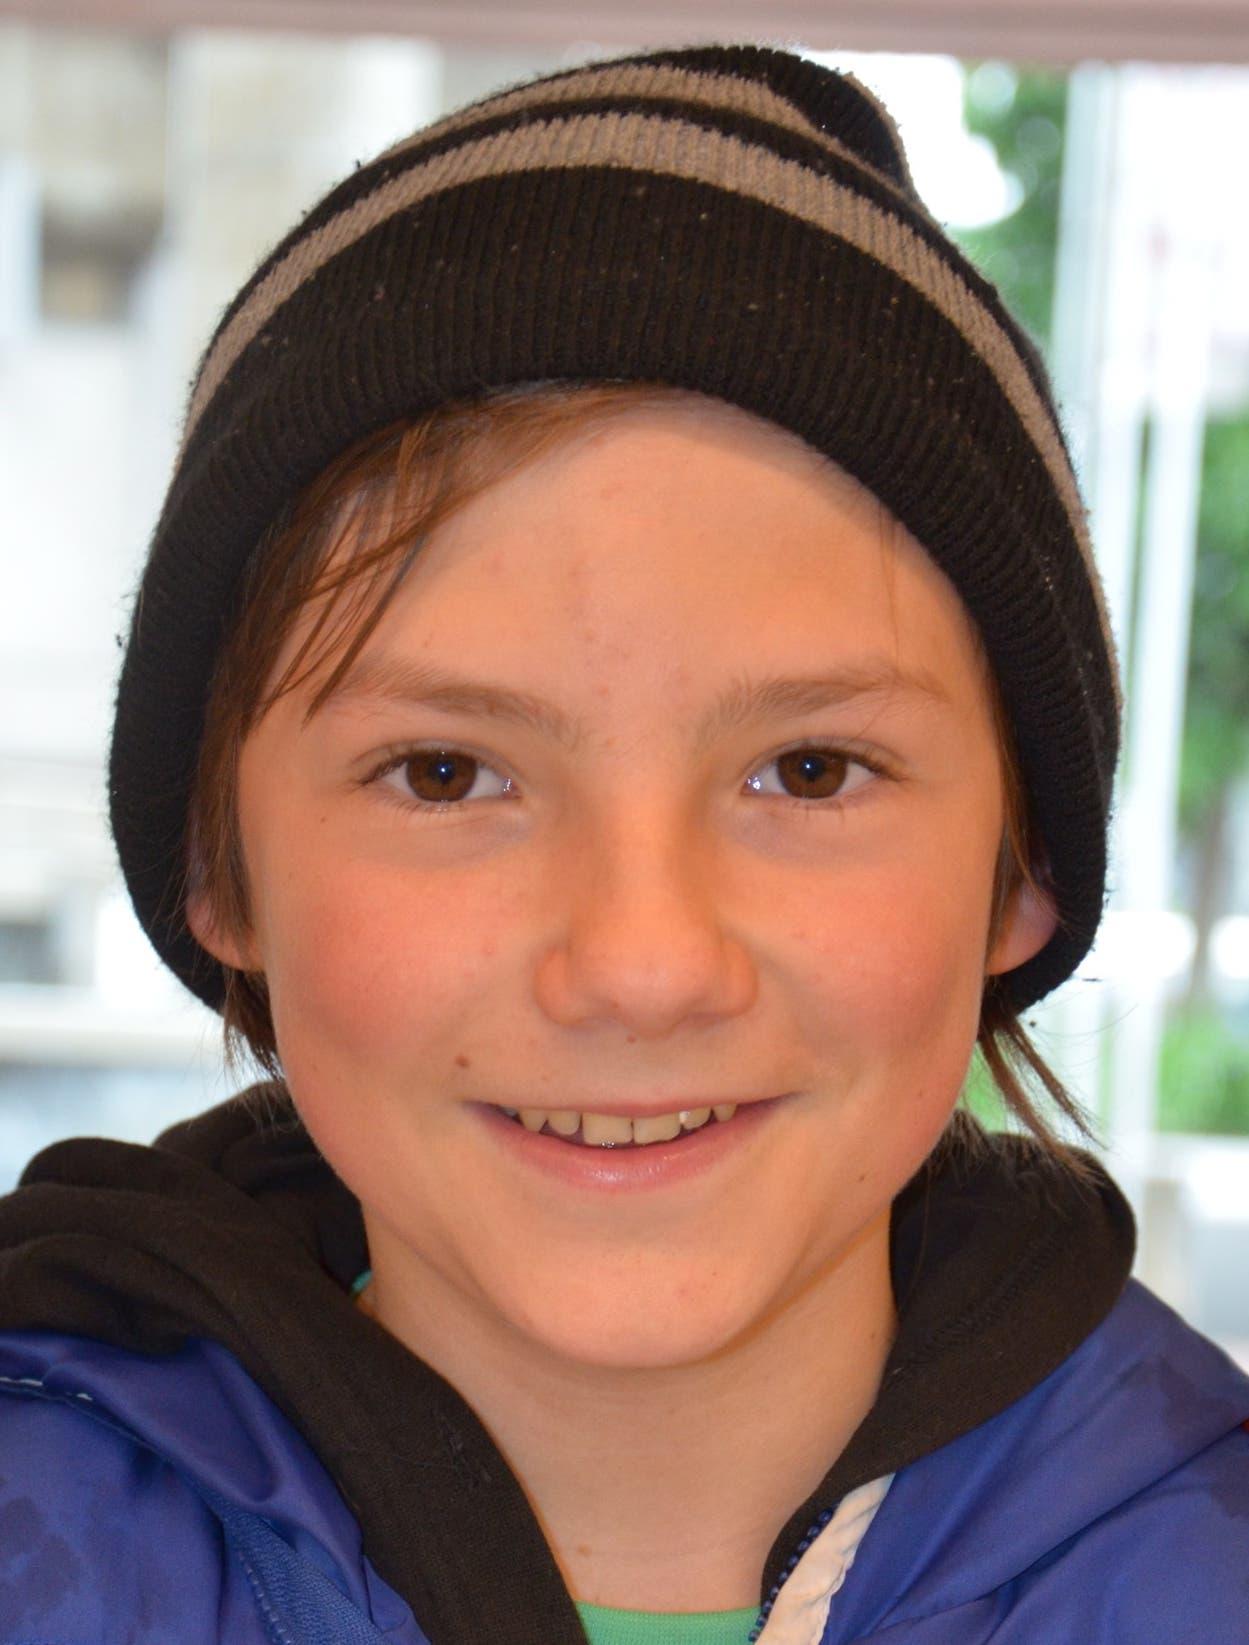 Sascha, 14, aus Birr «Mir gefallen die Kleider aus dem Laden ‹Metro› sehr gut. Ich wünschte mir, dass es einen solchen Laden hier gibt.»